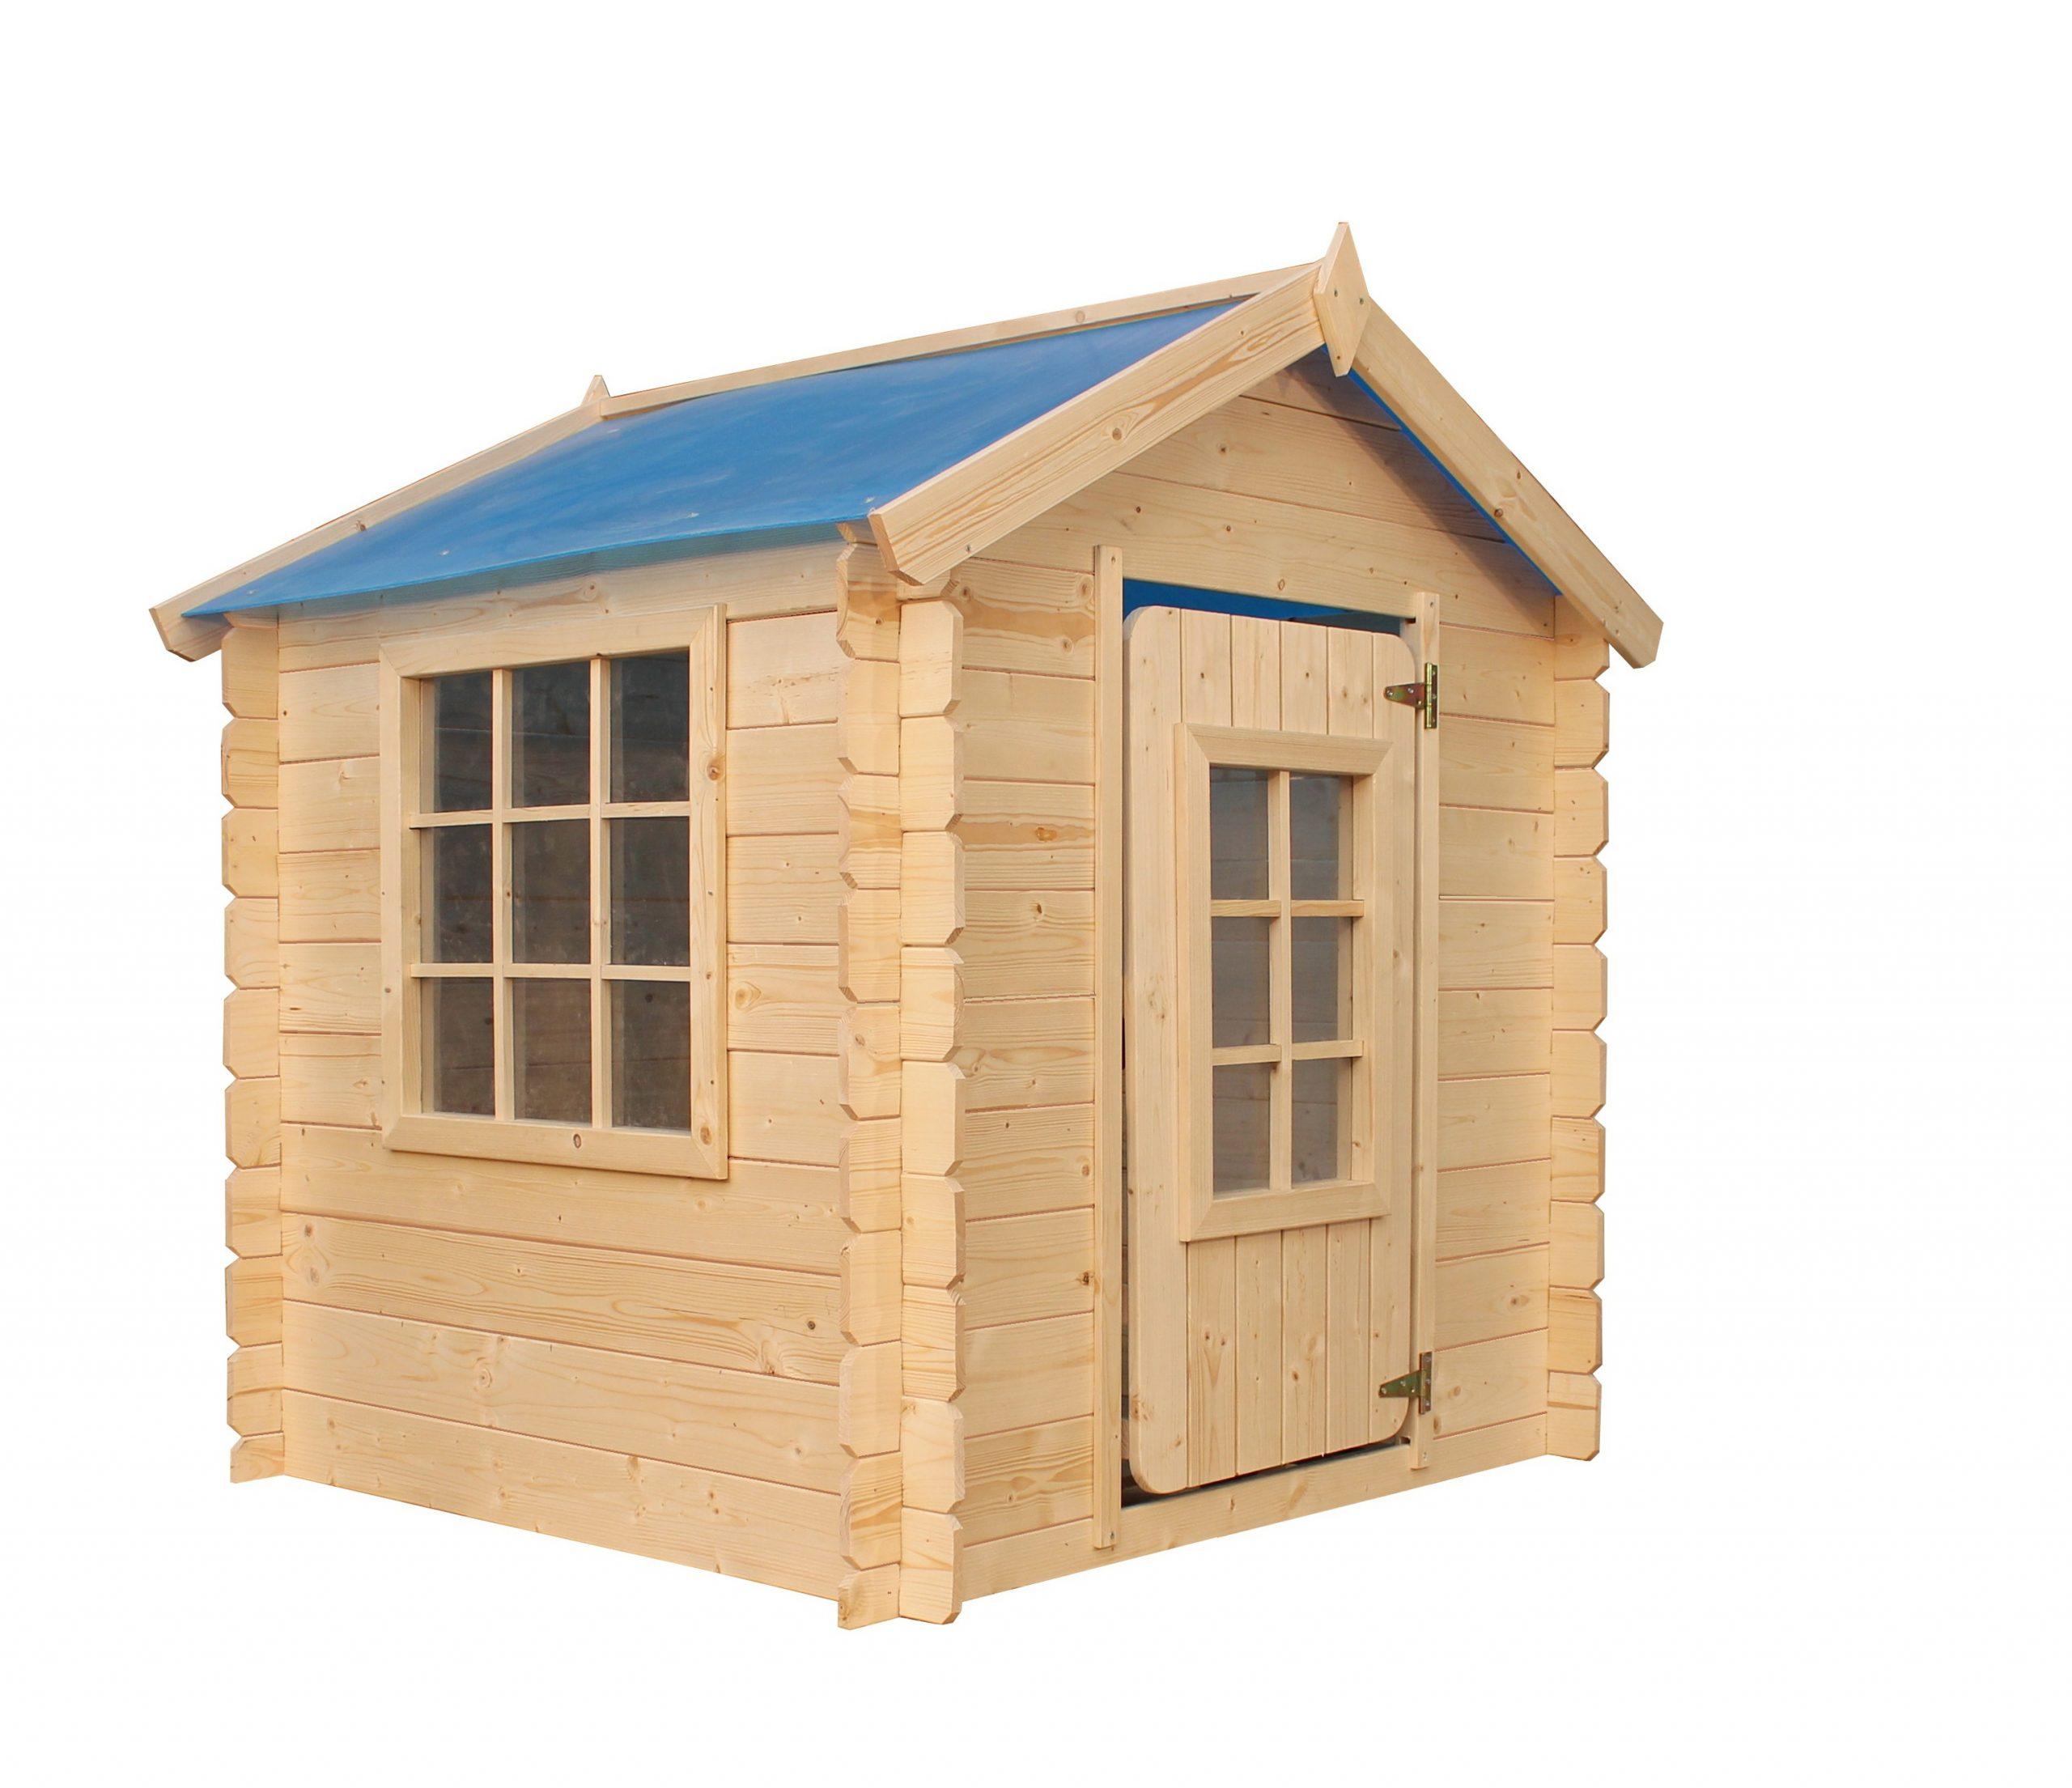 Cabane En Bois Timbela M570 Pour Enfant – Maison De Jardin ... avec Maisonnette En Bois Pas Cher Occasion